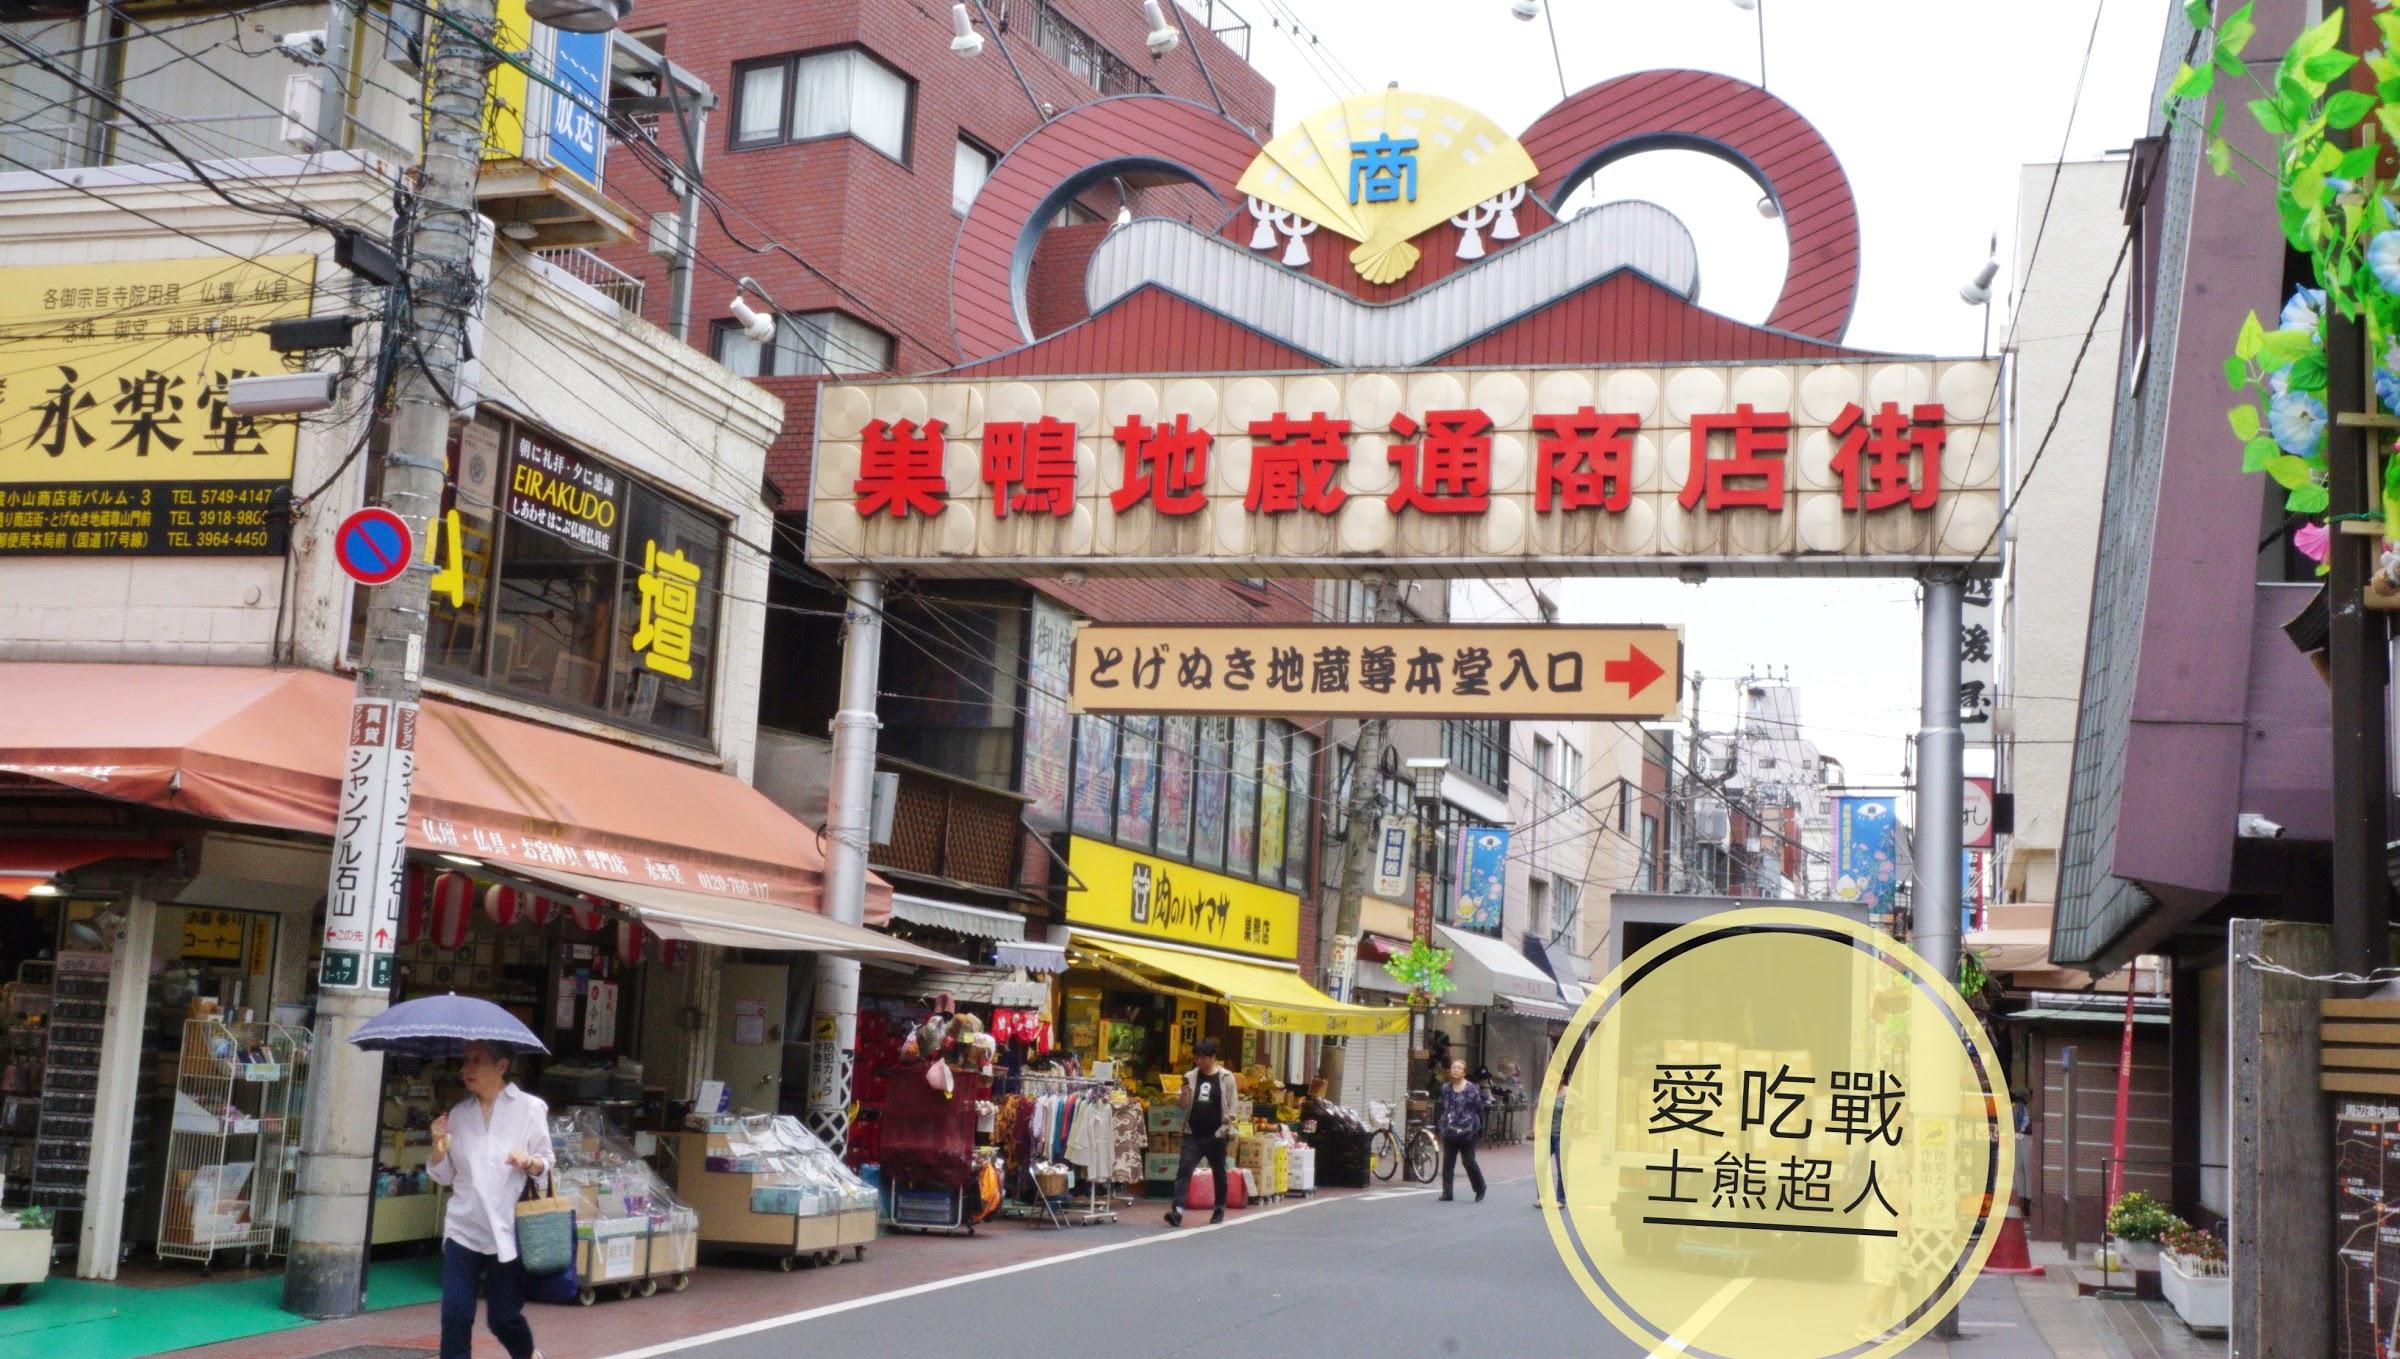 。東京 攻略-都電荒川線。下町散策:從向原站到庚申塚、巢鴨地藏商店街的魅力-景點美食全攻略+私藏美食